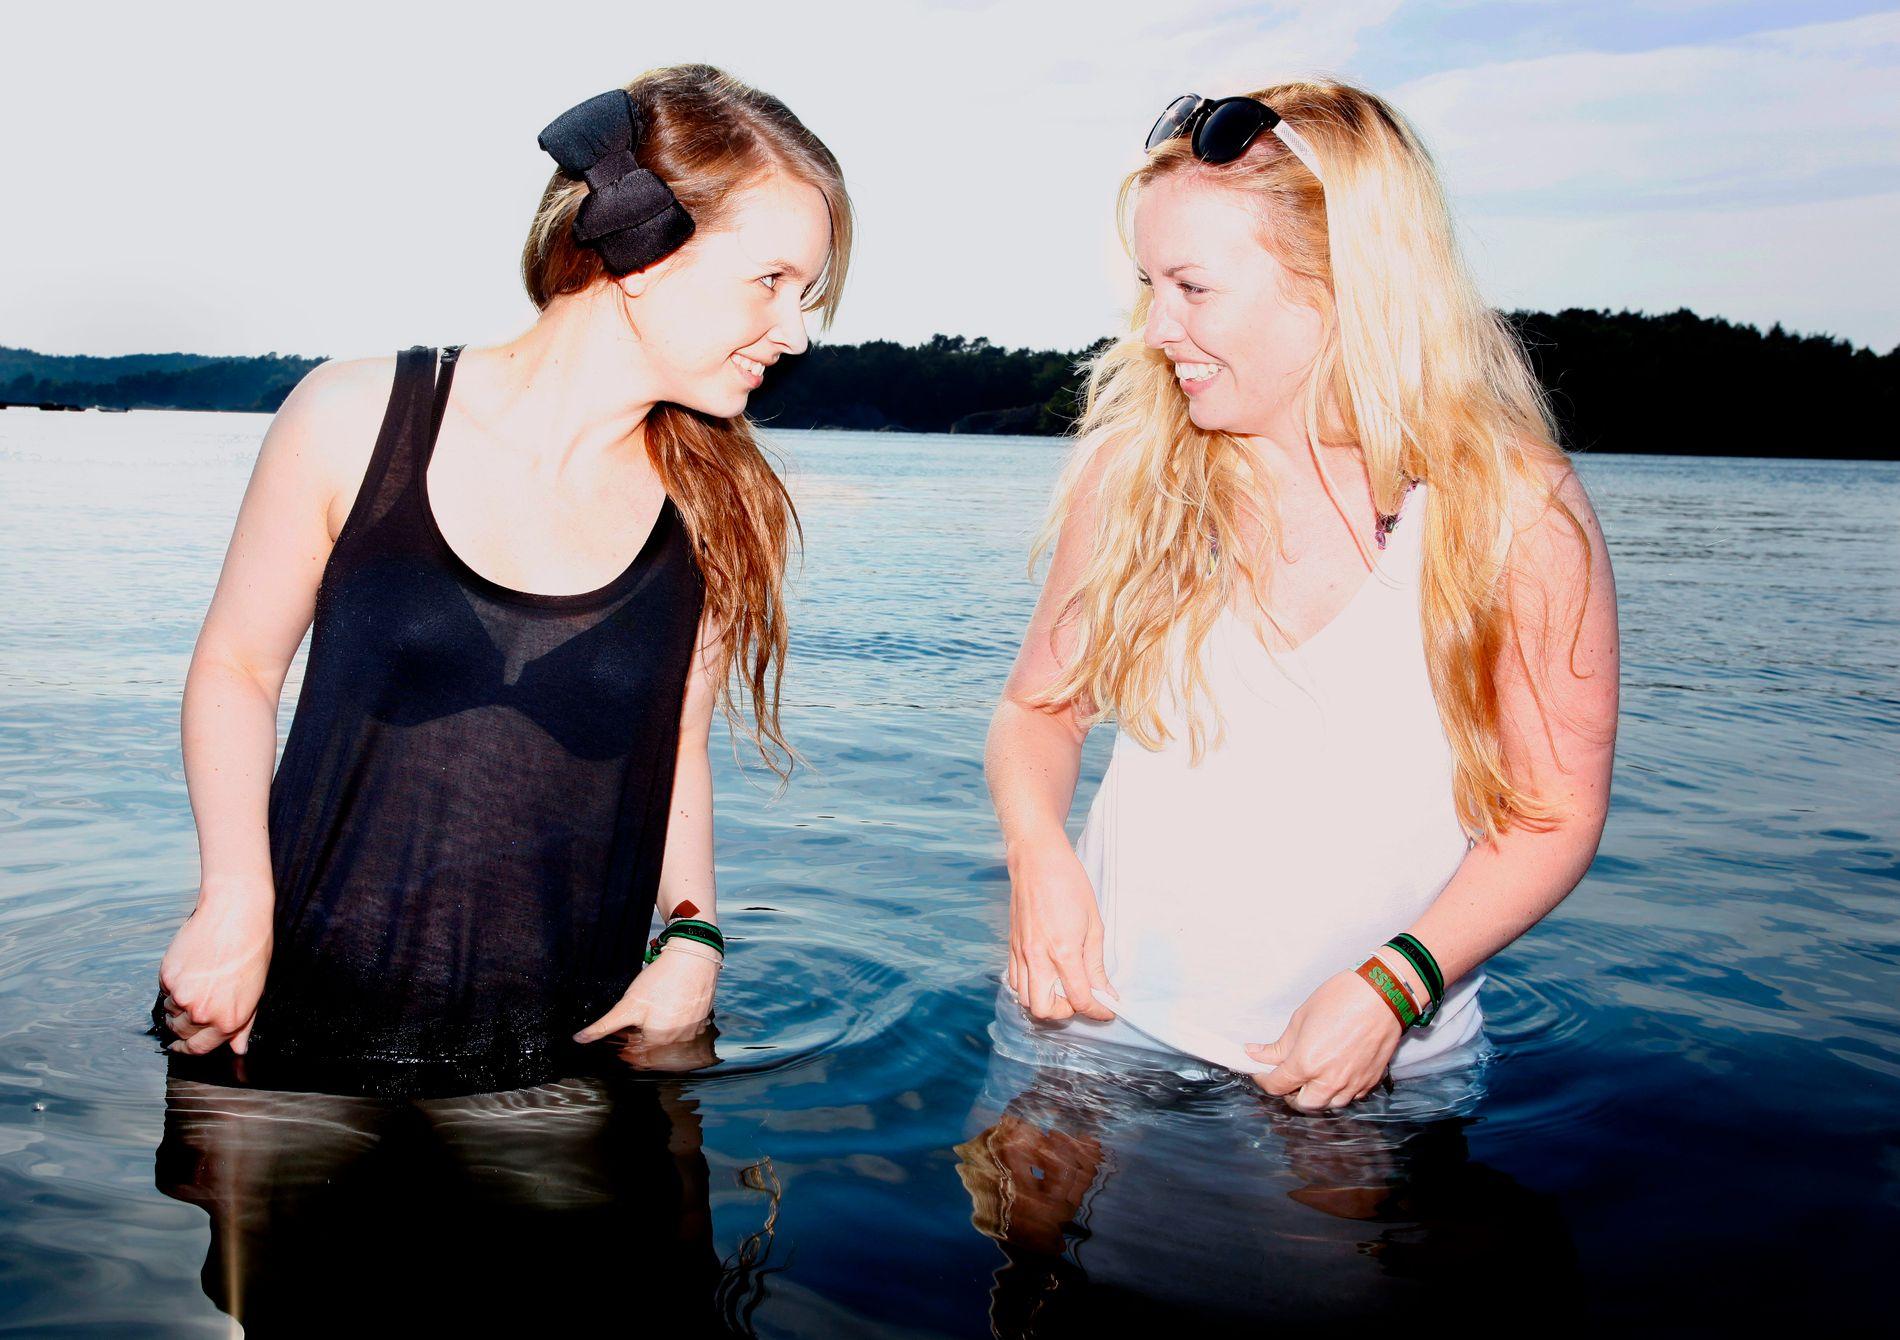 PARTNERE LENGE: Christine Dancke (t.v.) og Silje Larsen Borgan på Hovefestivalen i 2010. Da hadde de nylig startet DJ-duoen Hoetell, som holder på fortsatt.